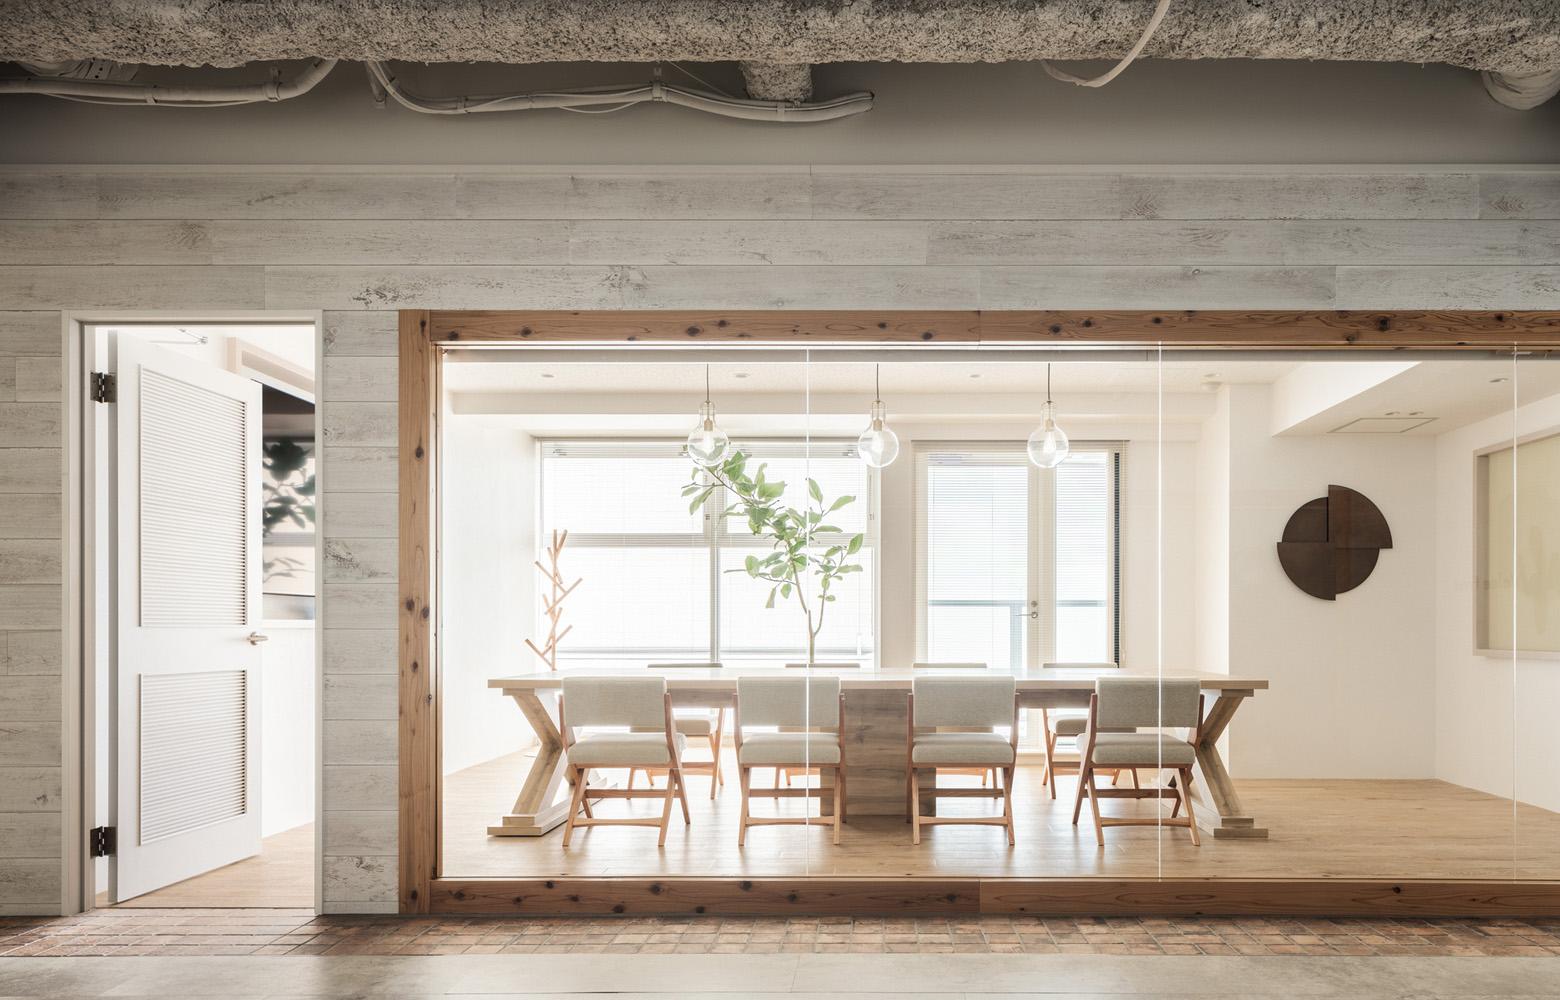 株式会社バリューファースト Meeting Room デザイン・レイアウト事例